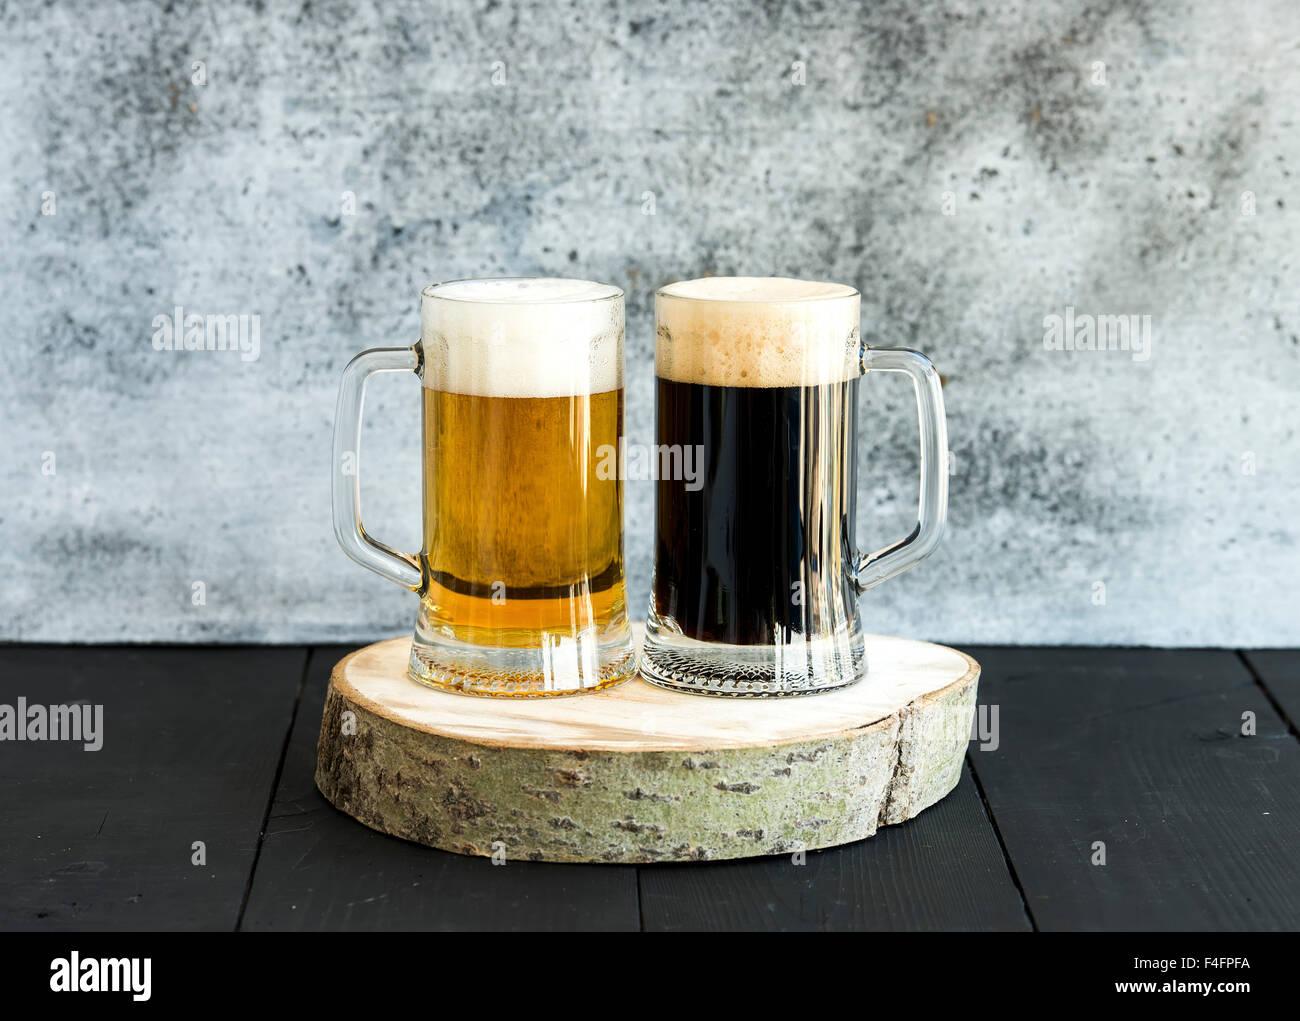 Helles und dunkles Bier im Becher auf Holzbrett, Grunge Hintergrund Stockbild